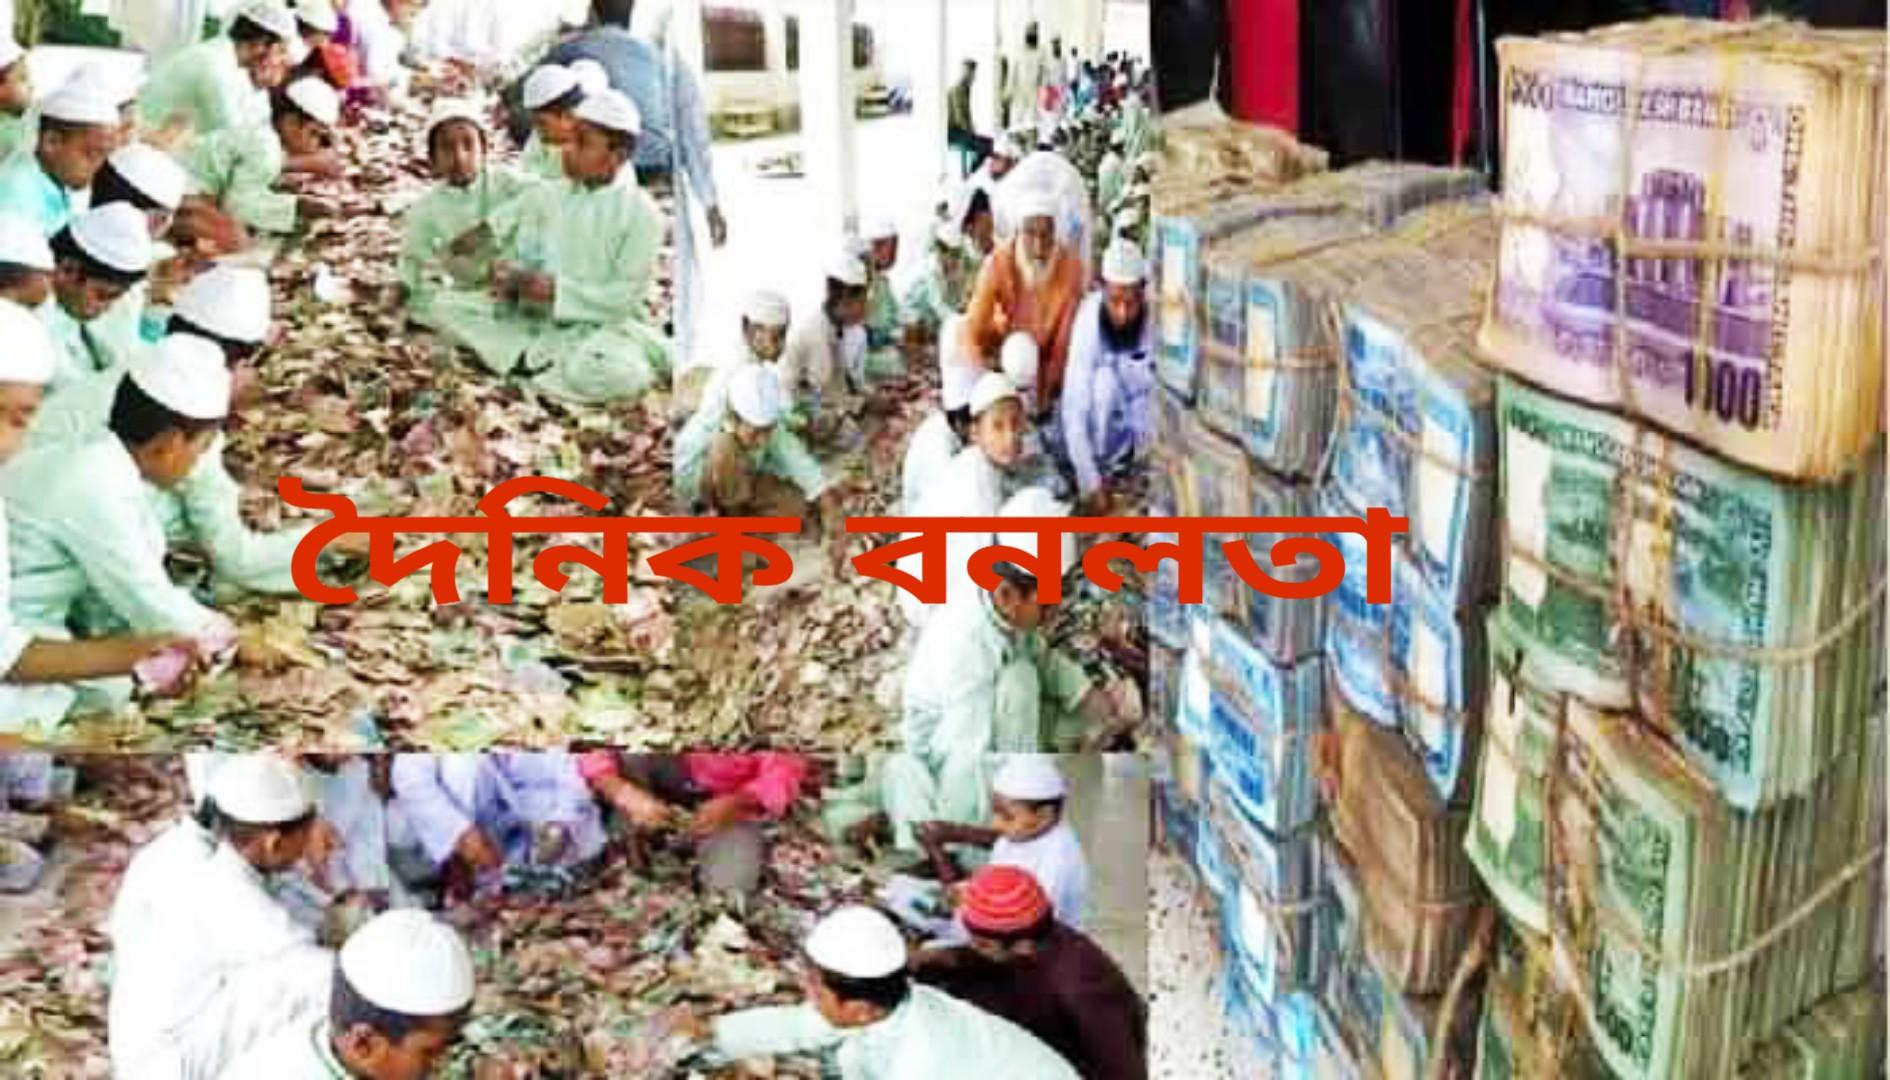 কিশোরর গঞ্জের পাগলা মসজিদের দান বক্সে ১২ বস্তা টাকা